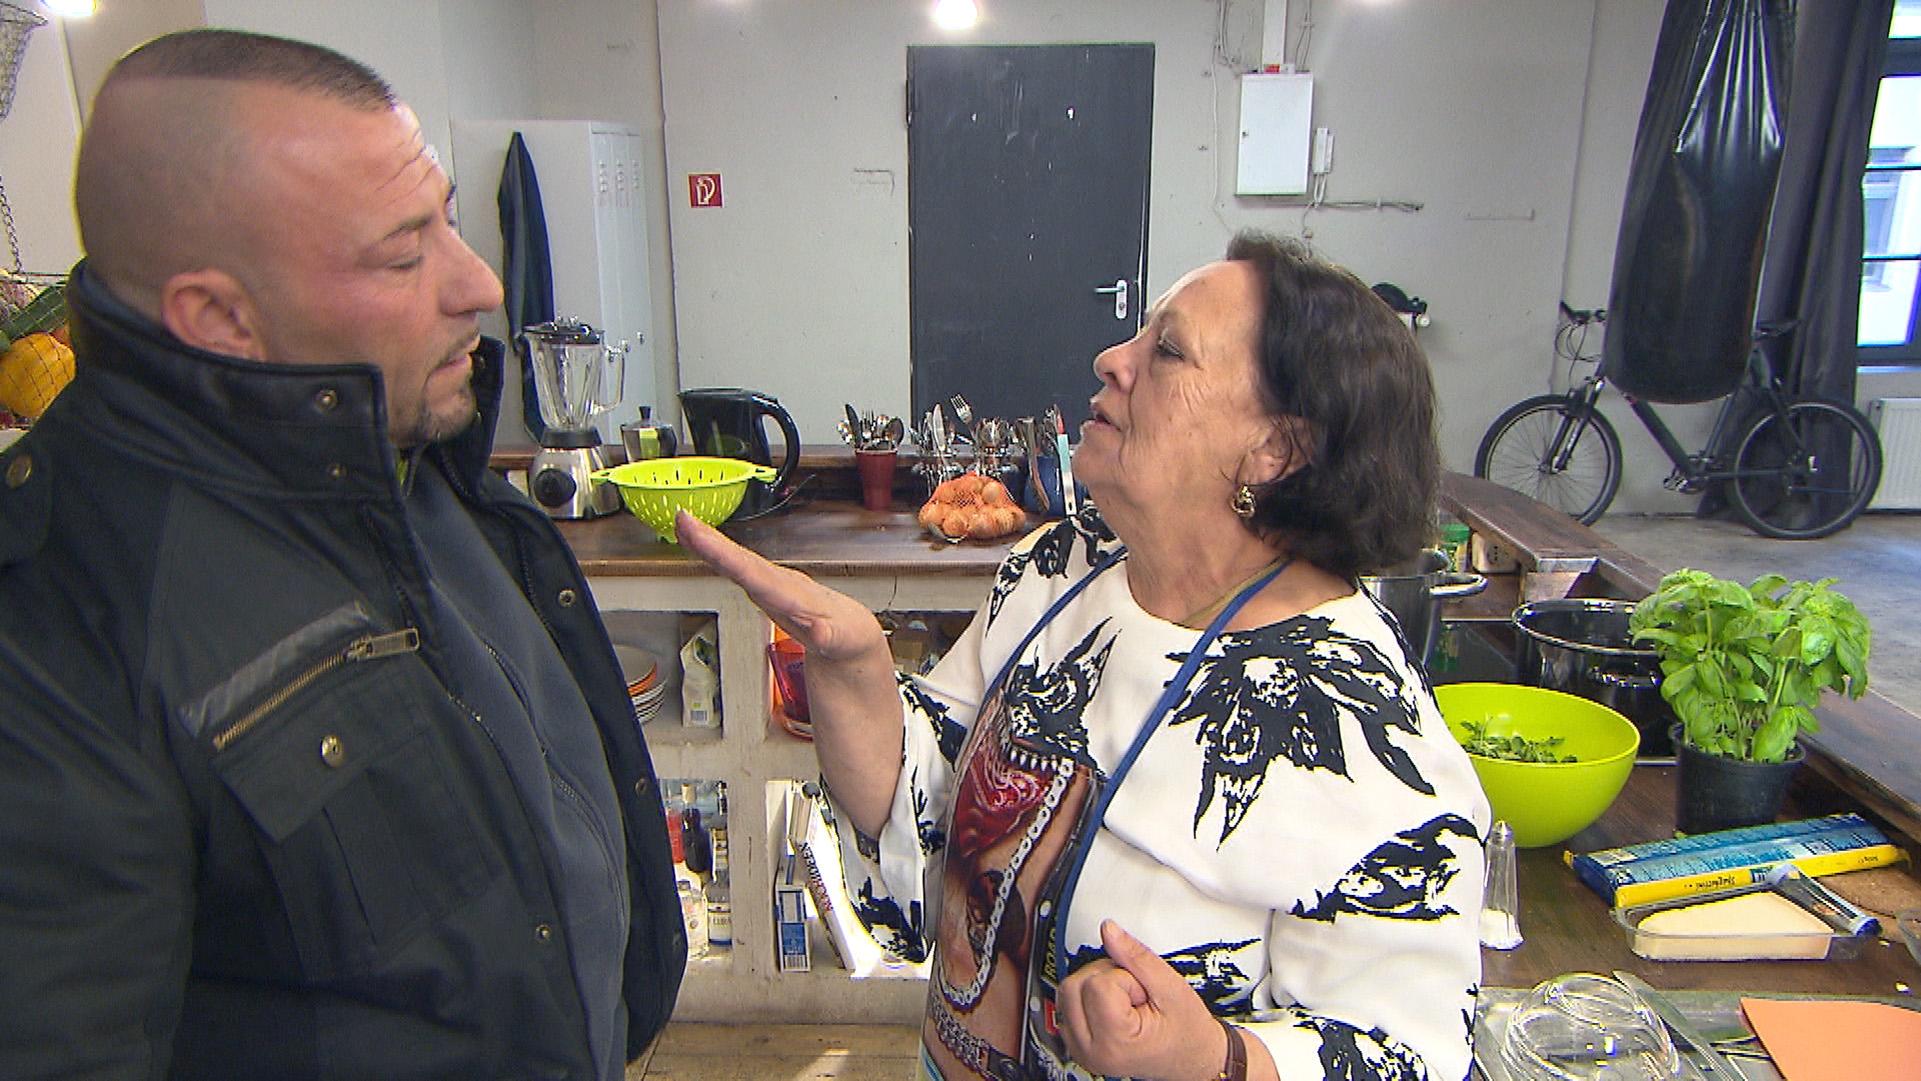 Fabrizios Mutter ist überzeugt daß zwischen ihrem Sohn und Alessia was läuft (Quelle: RTL 2)